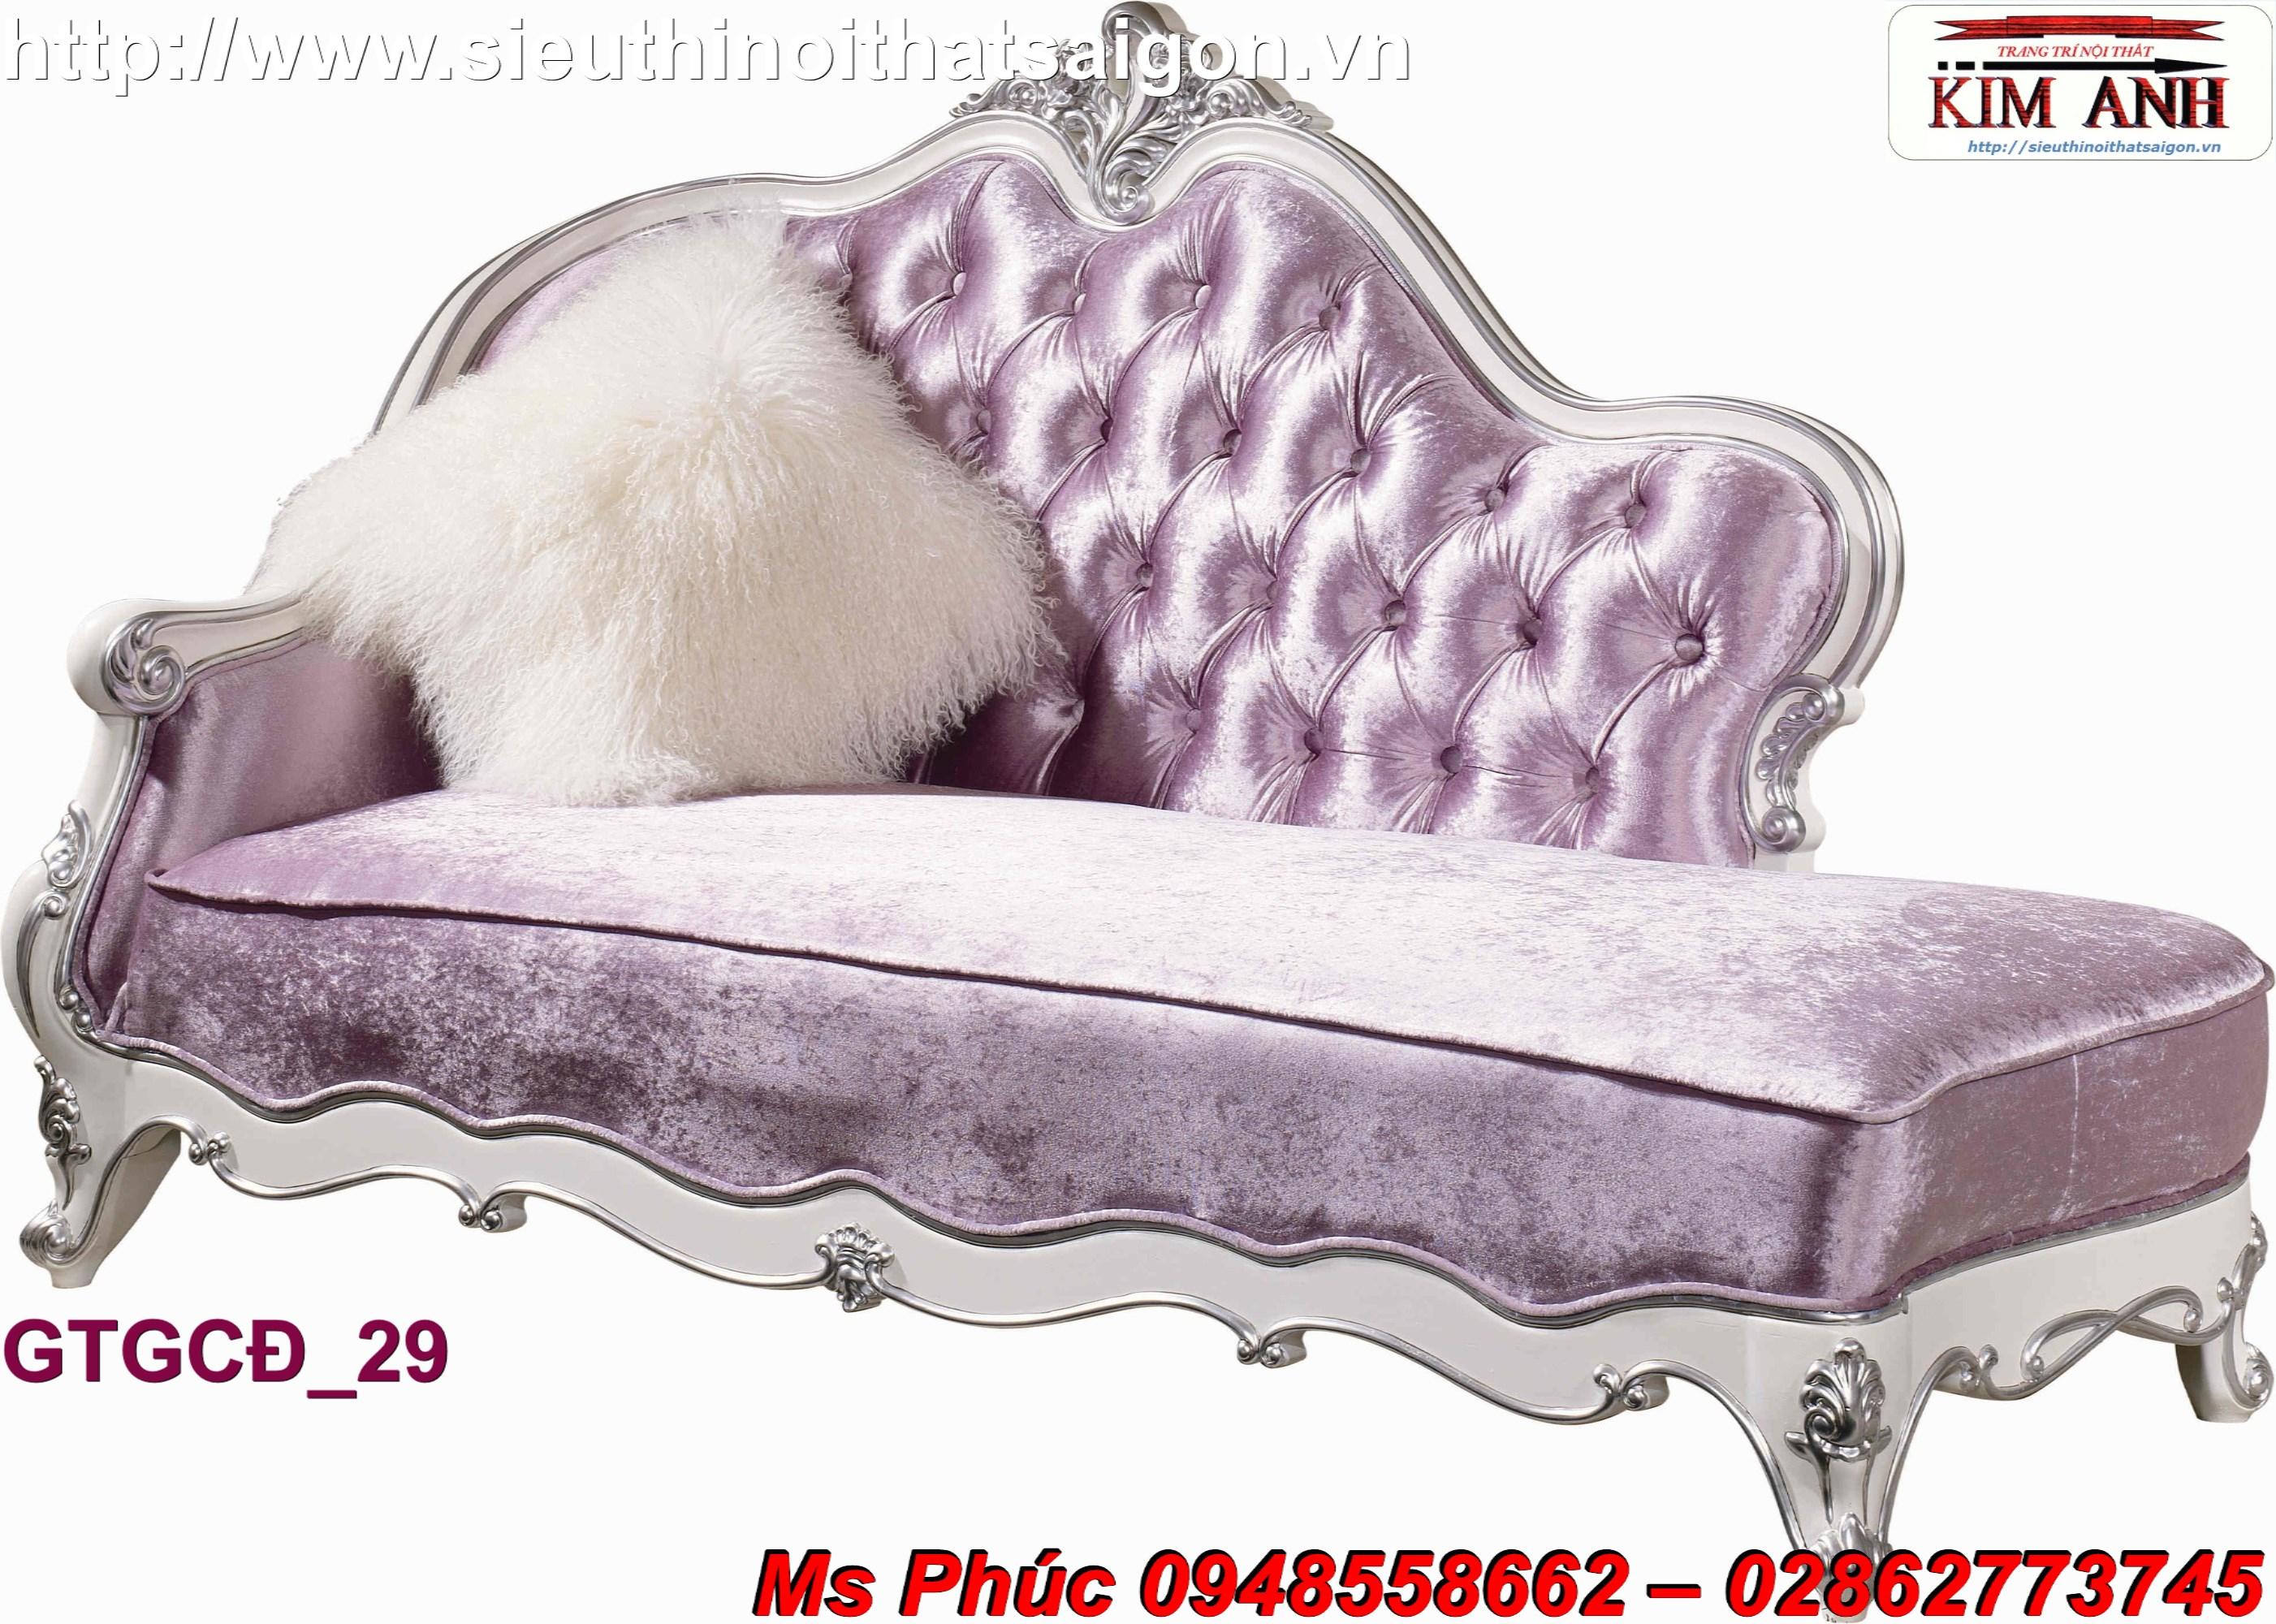 1 Ghế lười hali kiểu cổ điển, êm ái giá tốt nhất thị trường - nội thất Kim Anh Sài Gòn